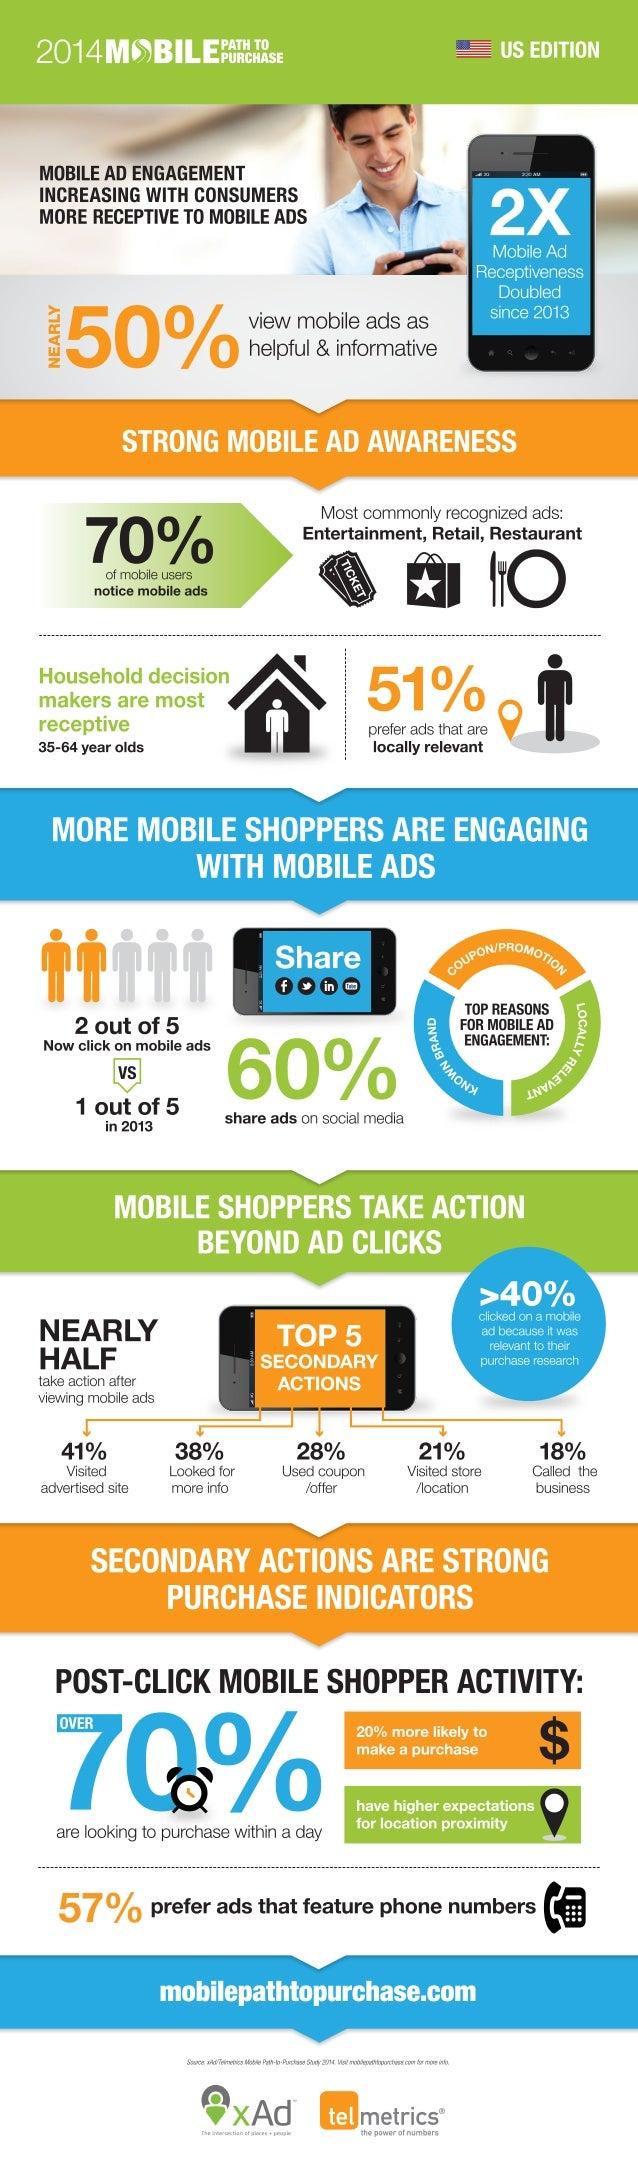 Исследование потребления мобильной рекламы. Nielsen, xAd, Telmetrix. July 2014